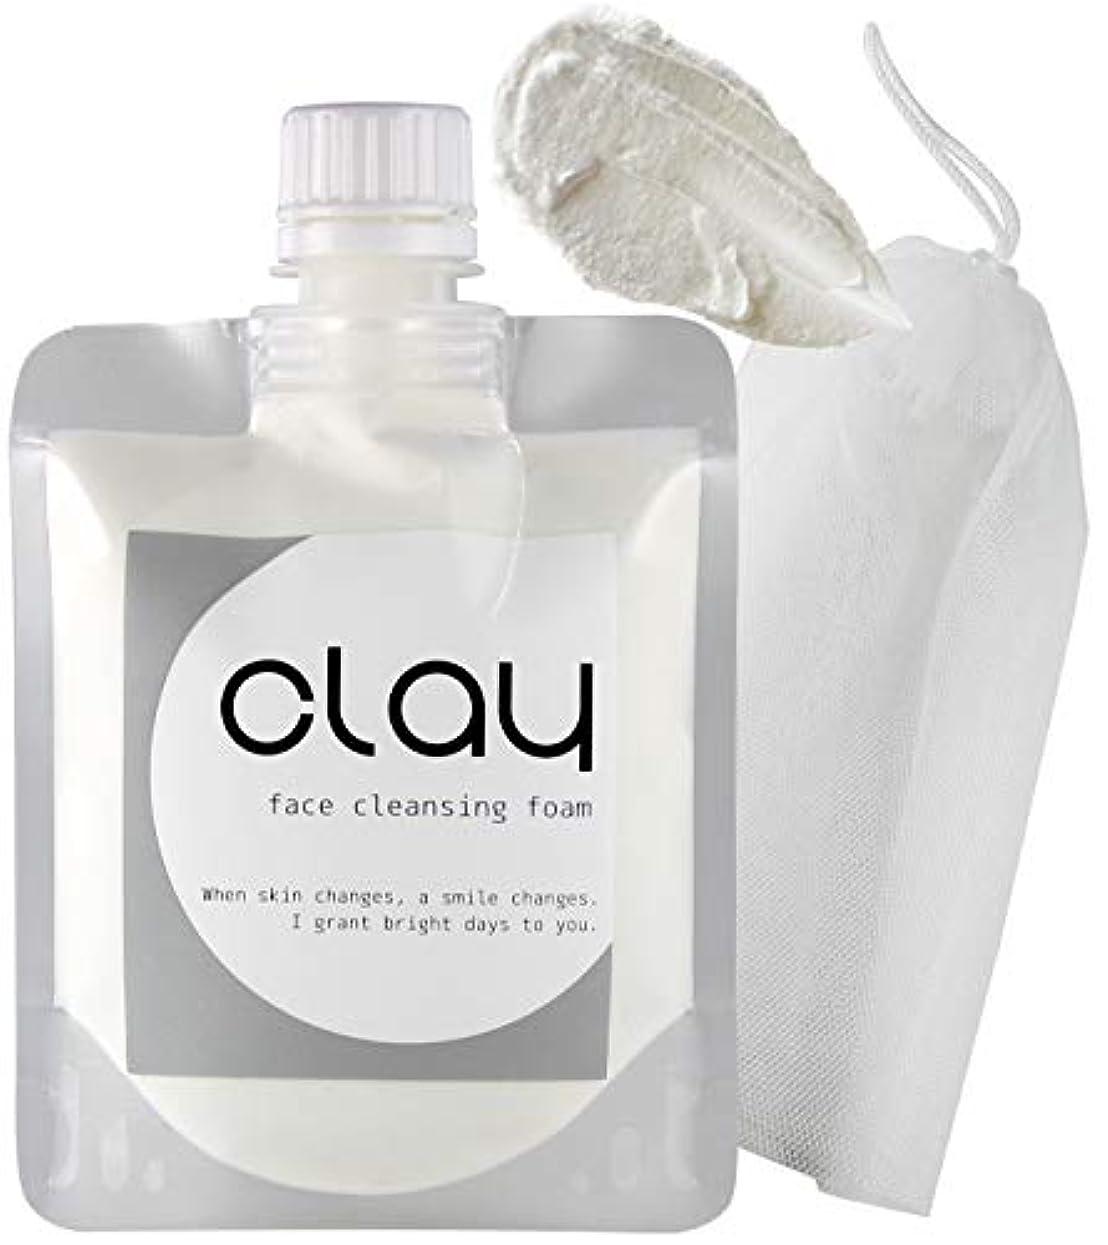 インタフェース満足できるメトリックSTAR'S クレイ 泥 洗顔 オーガニック 【 毛穴 黒ずみ 開き ザラ付き 用】「 泡 ネット 付き」 40種類の植物エキス 16種類の美容成分 9つの無添加 透明感 柔肌 130g (Clay)